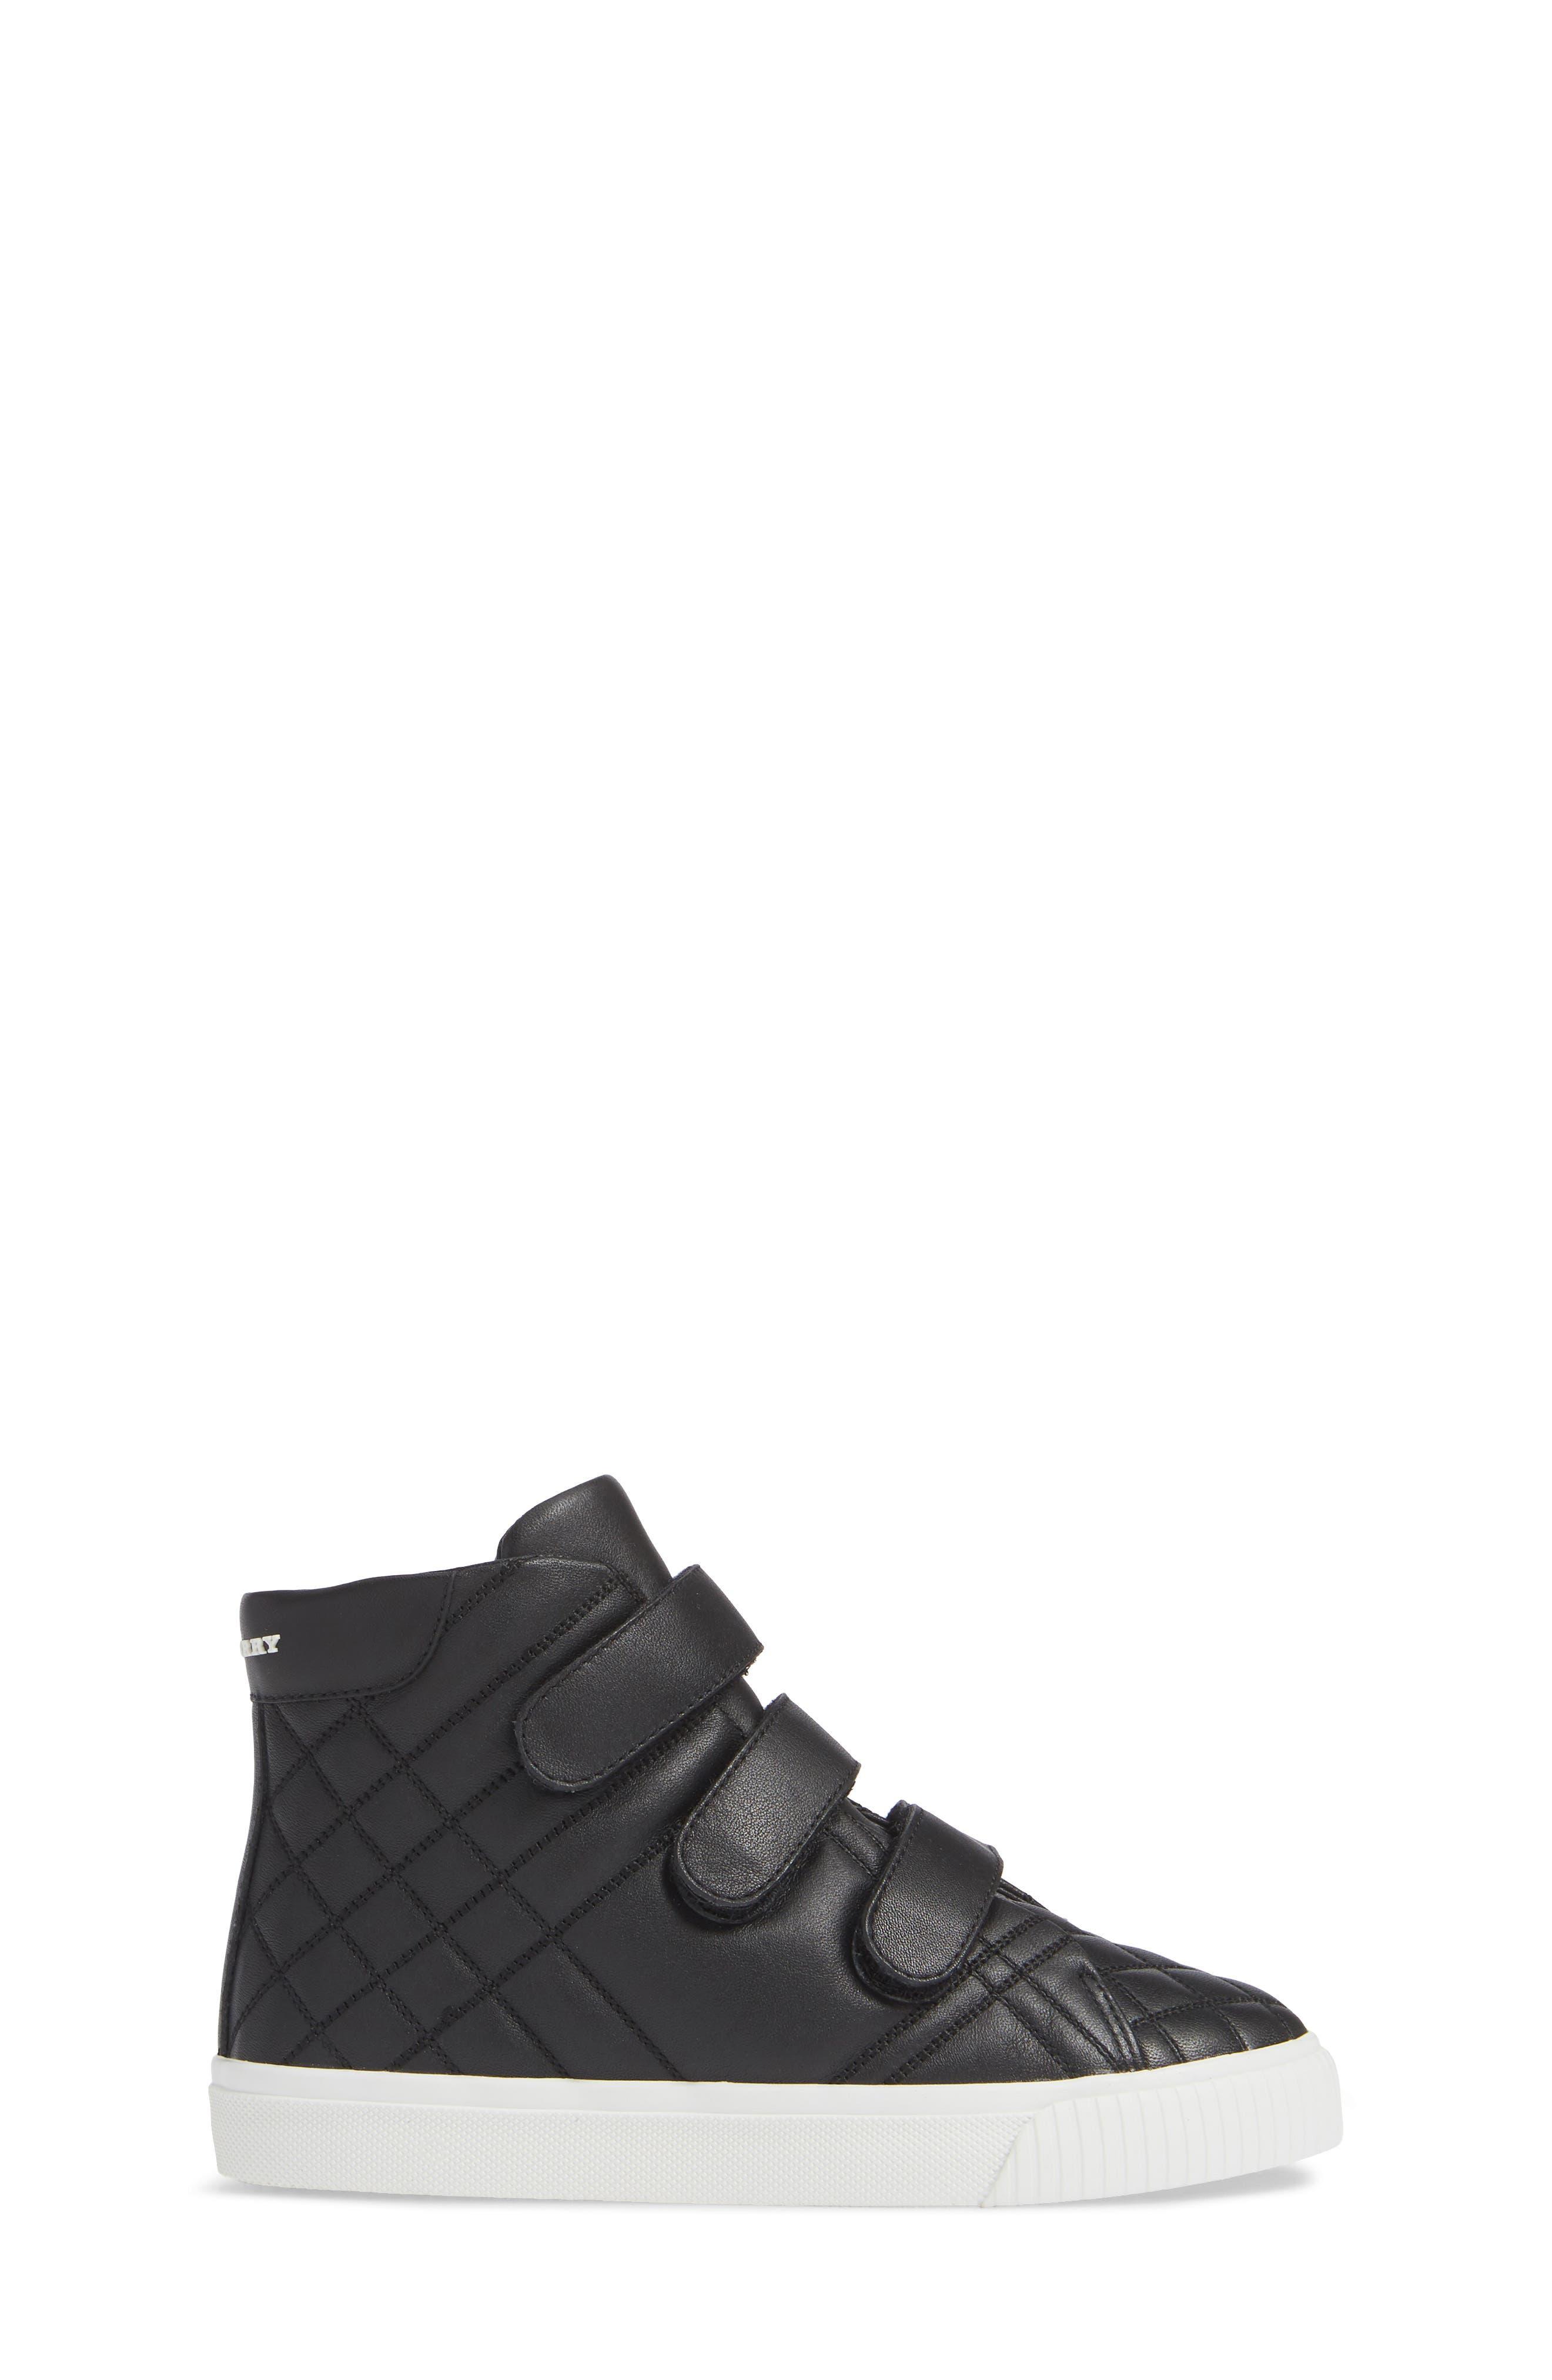 Sturrock Hi Top Sneaker,                             Alternate thumbnail 3, color,                             001